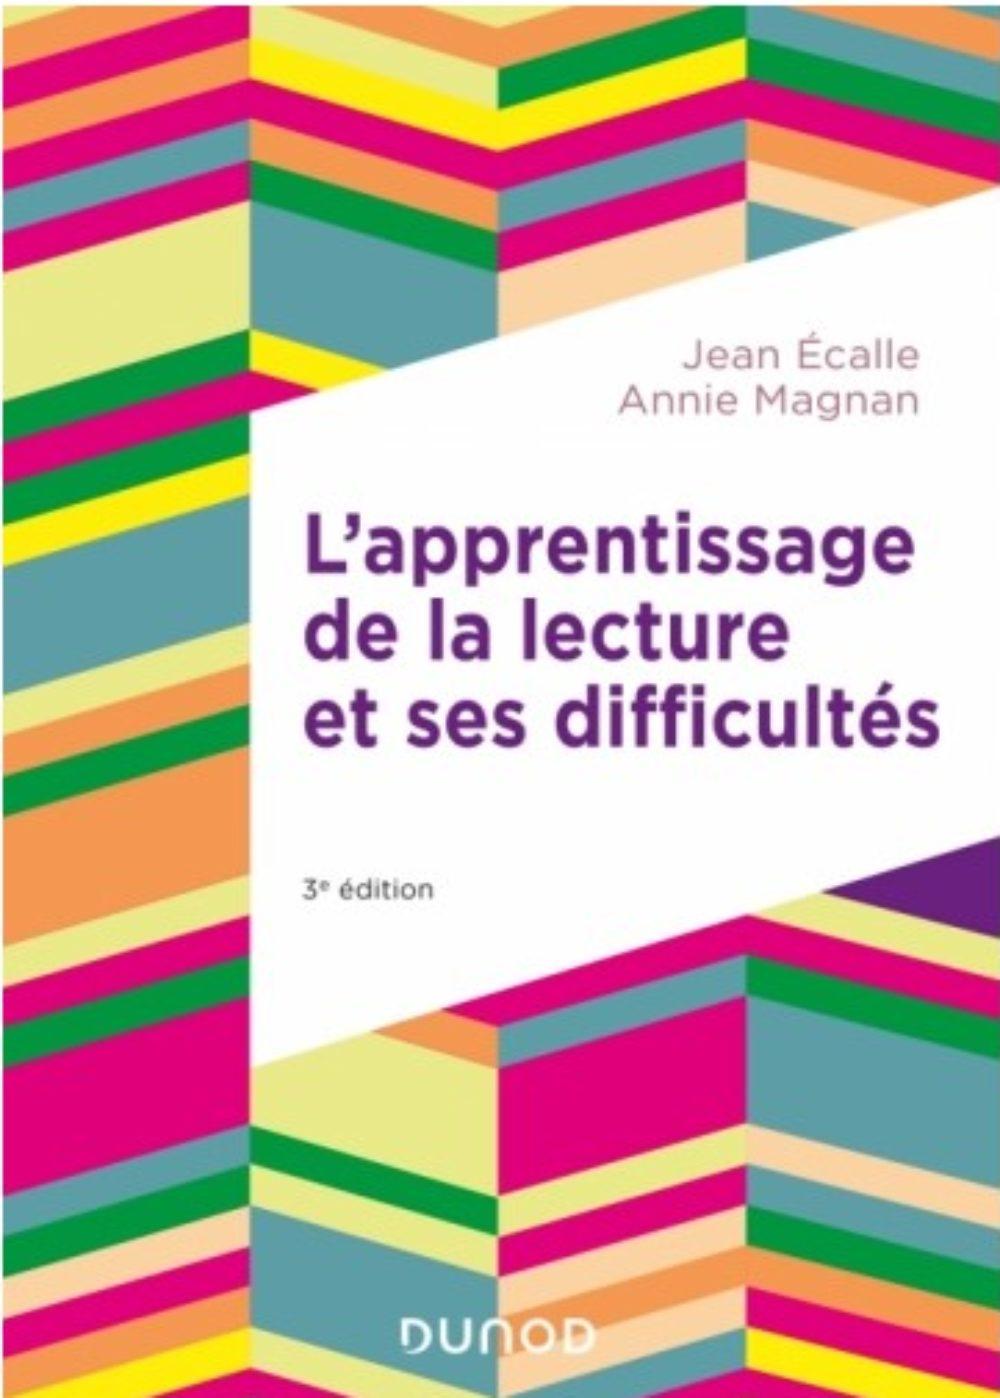 Jean Ecalle – Annie Magnan